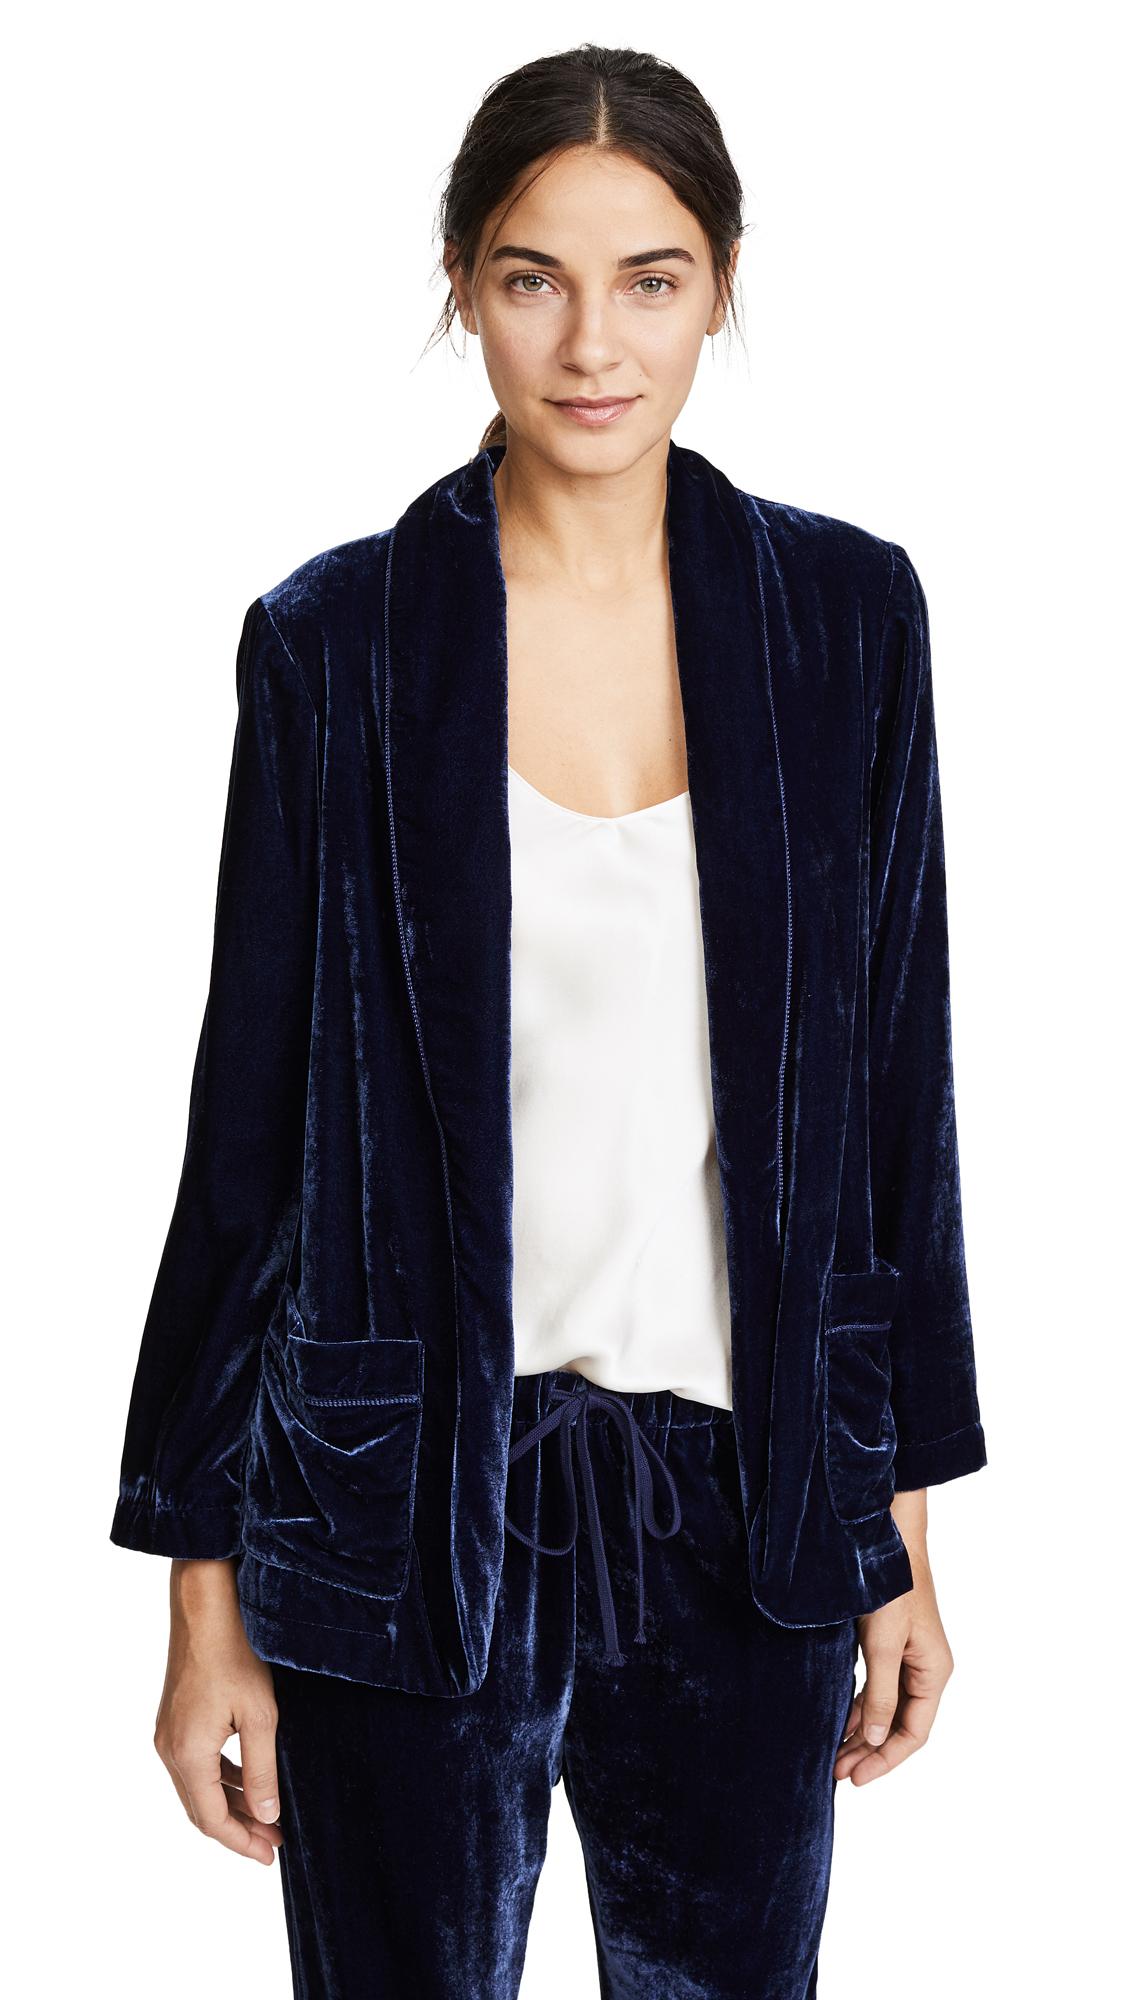 XIRENA Jax Velvet Jacket